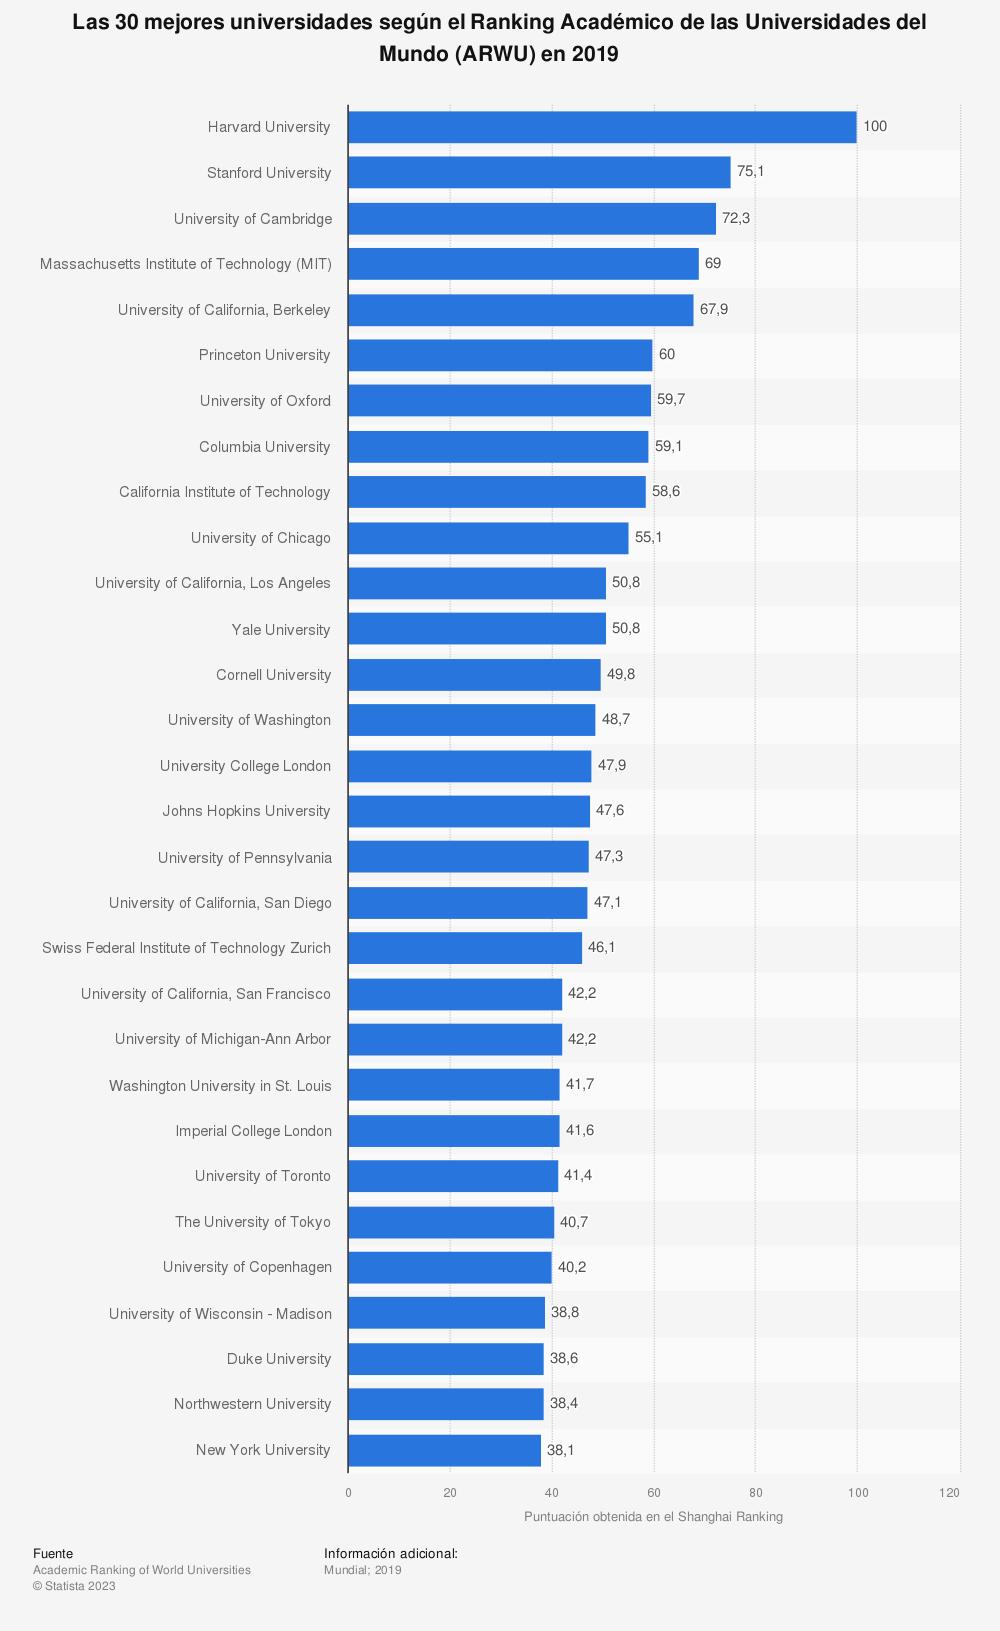 Estadística: Las 30 mejores universidades según el Ranking Académico de las Universidades del Mundo (ARWU) en 2019  | Statista